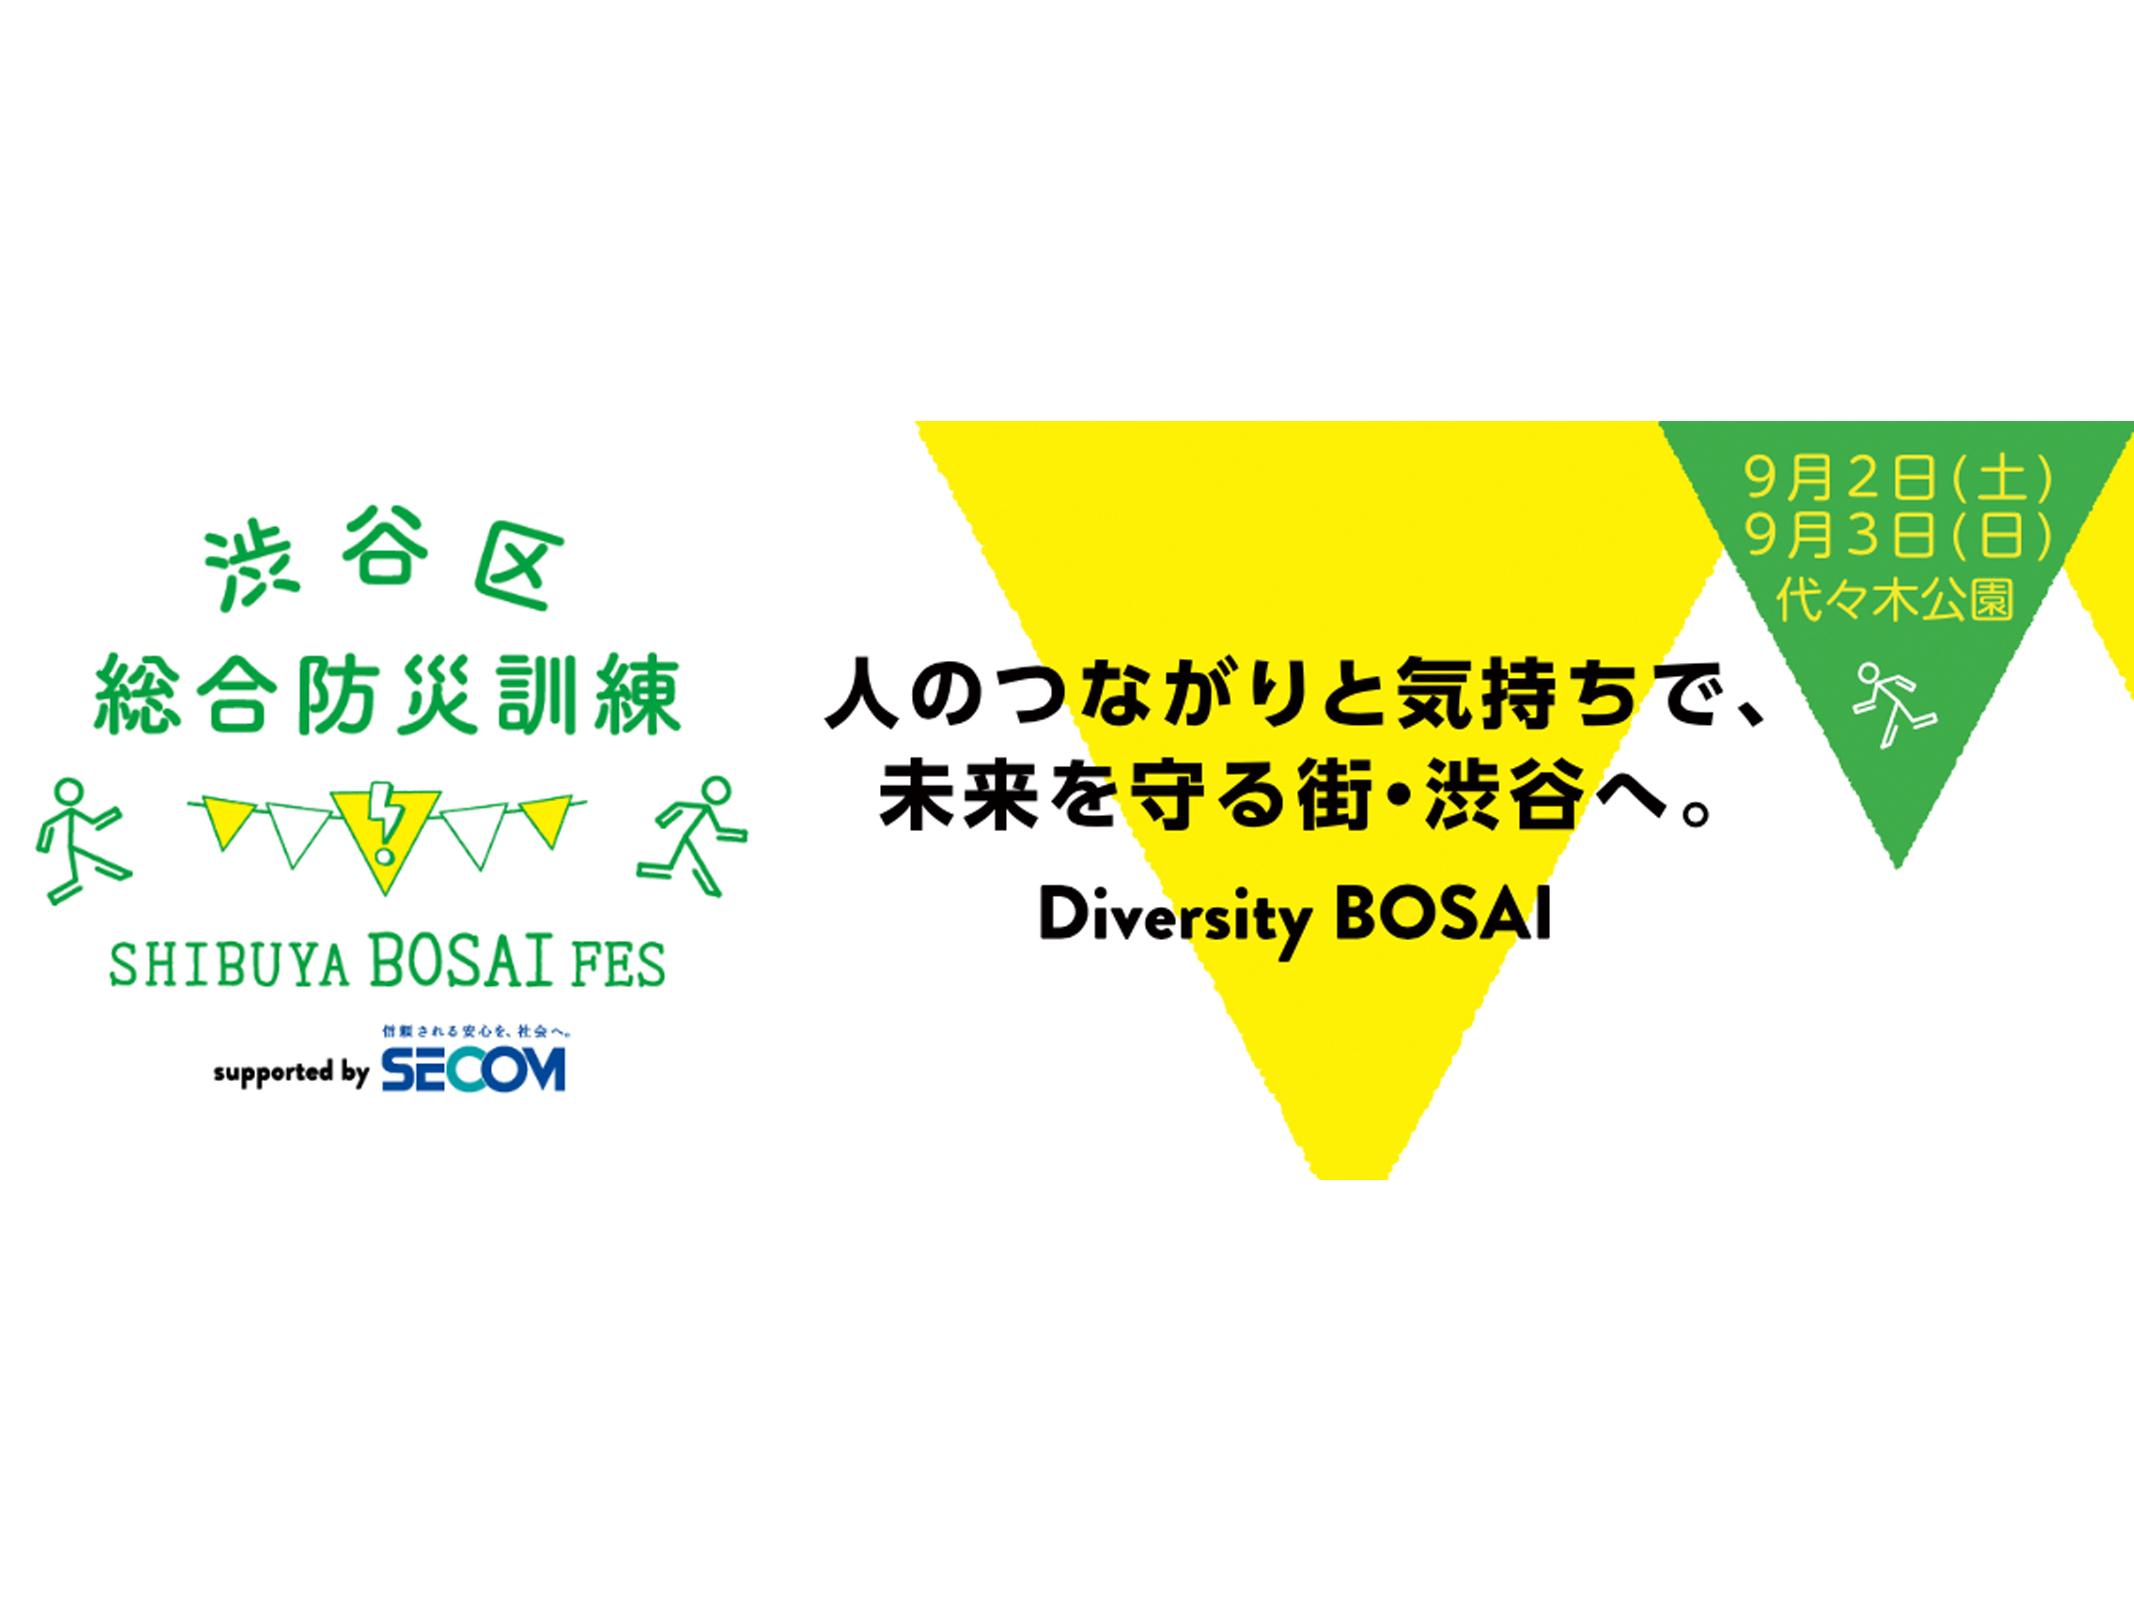 """キャンドルナイト""""渋谷の灯り"""" に参加します!!"""